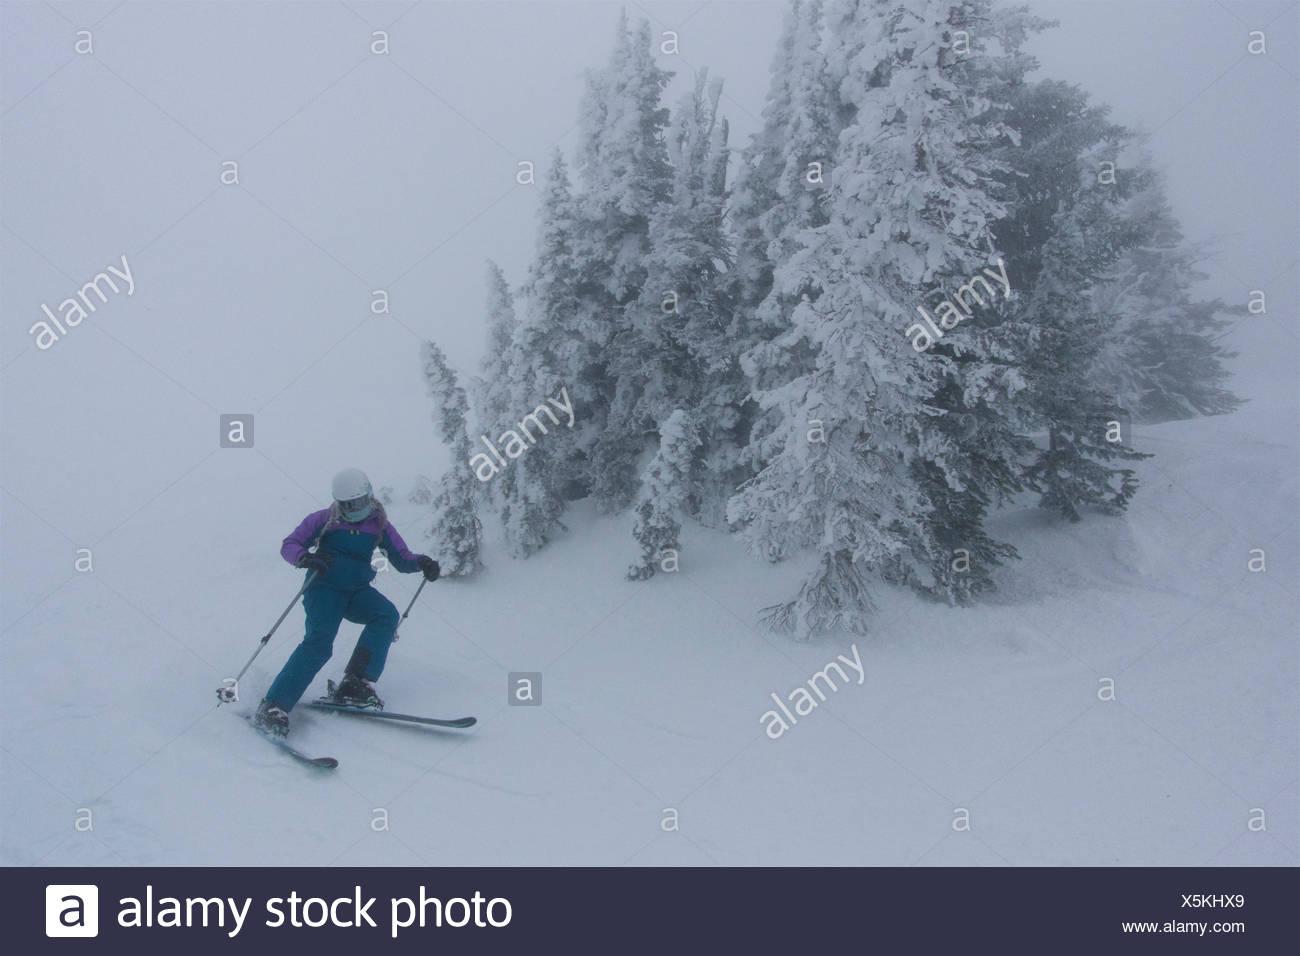 Ein jugendlich Mädchen Skifahren in nebligen, whiteout Bedingungen in der Nähe von Rauhreif bedeckt Koniferen. Stockbild